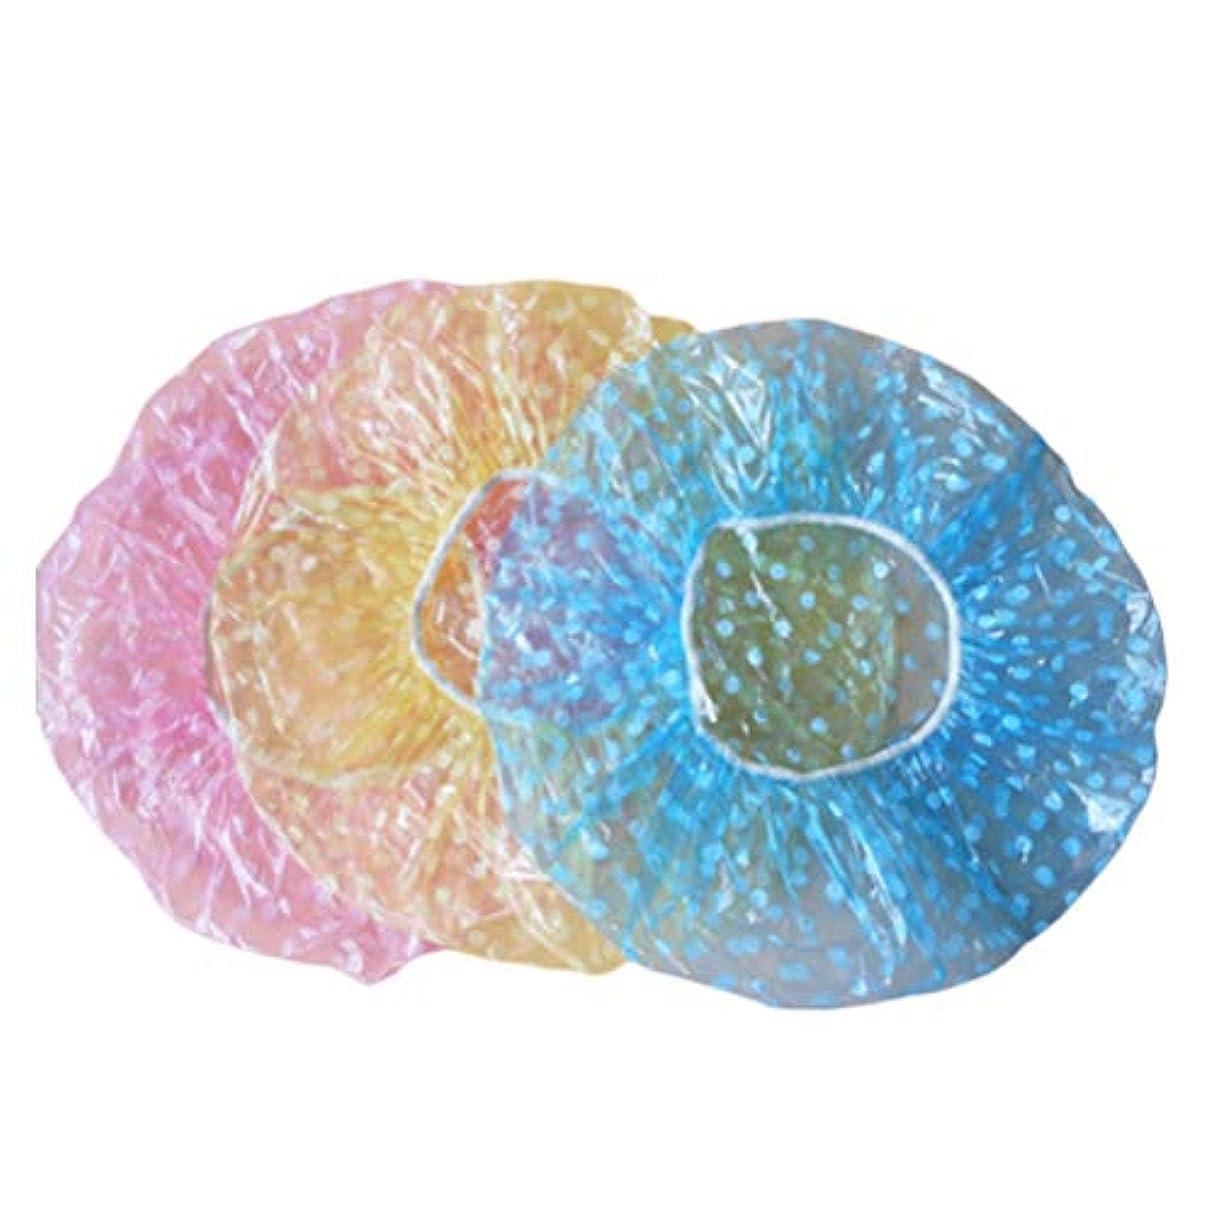 傑作画家勇気Frcolor シャワーキャップ お風呂 キャップ レディース 使い捨てキャップ シャワー サロン用 60枚セット(混色)